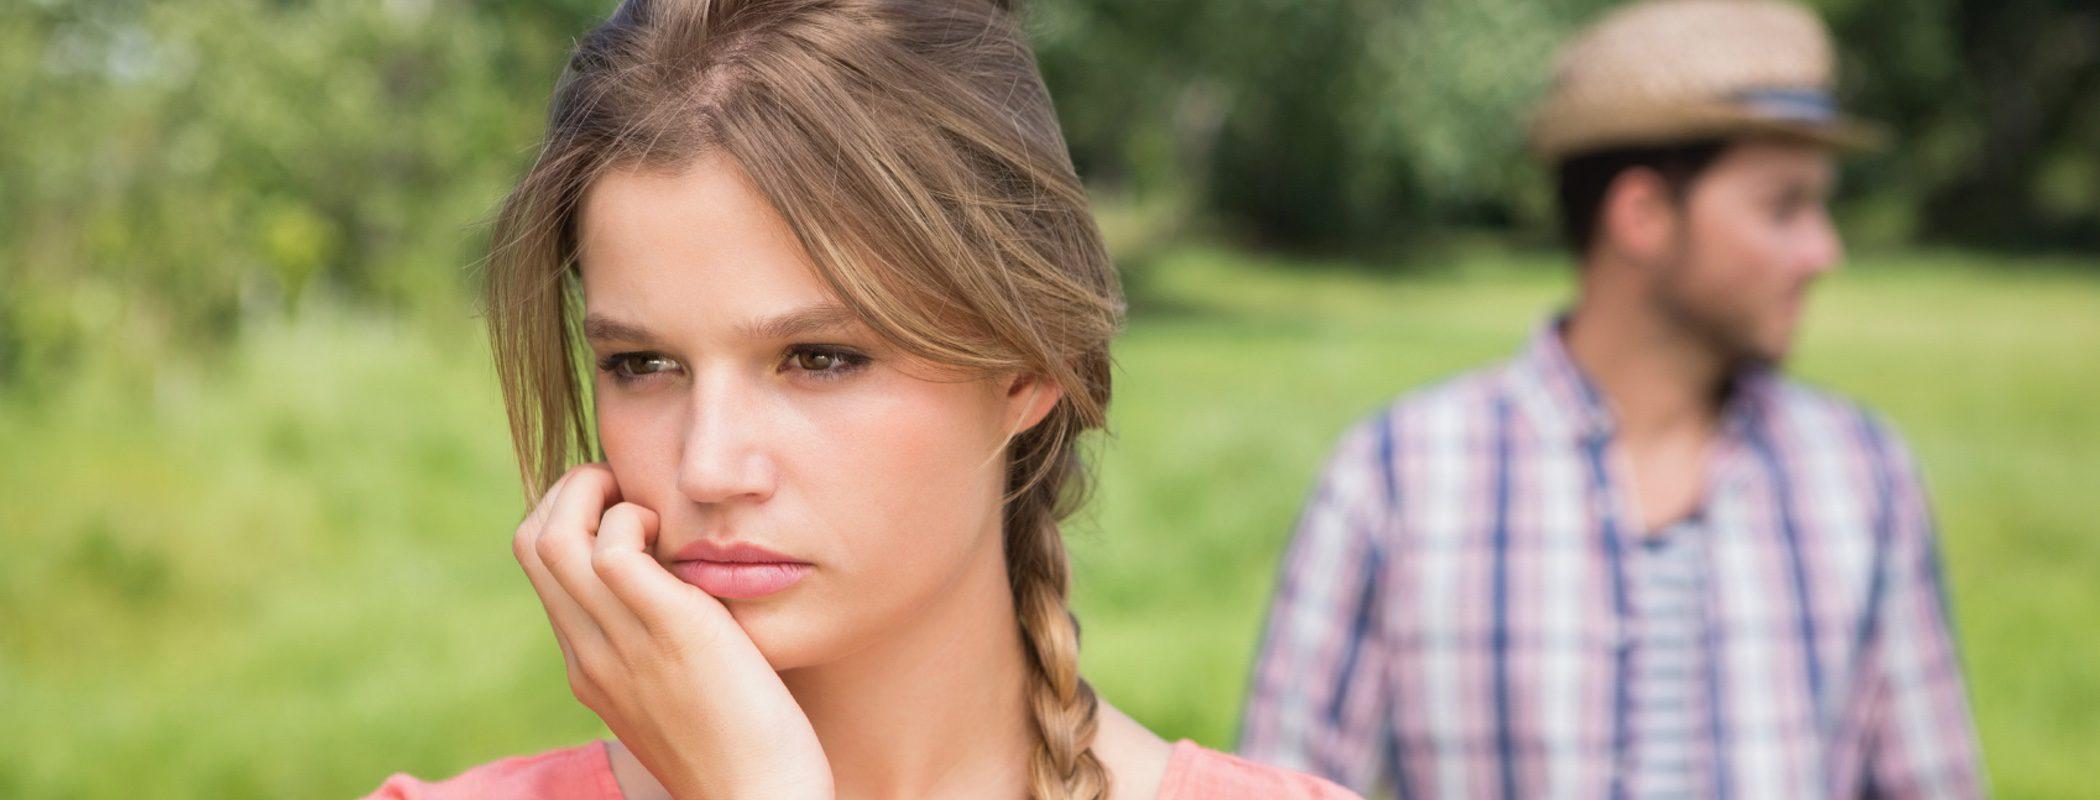 Me he enamorado de mi primo hermano: ¿Qué puedo hacer?